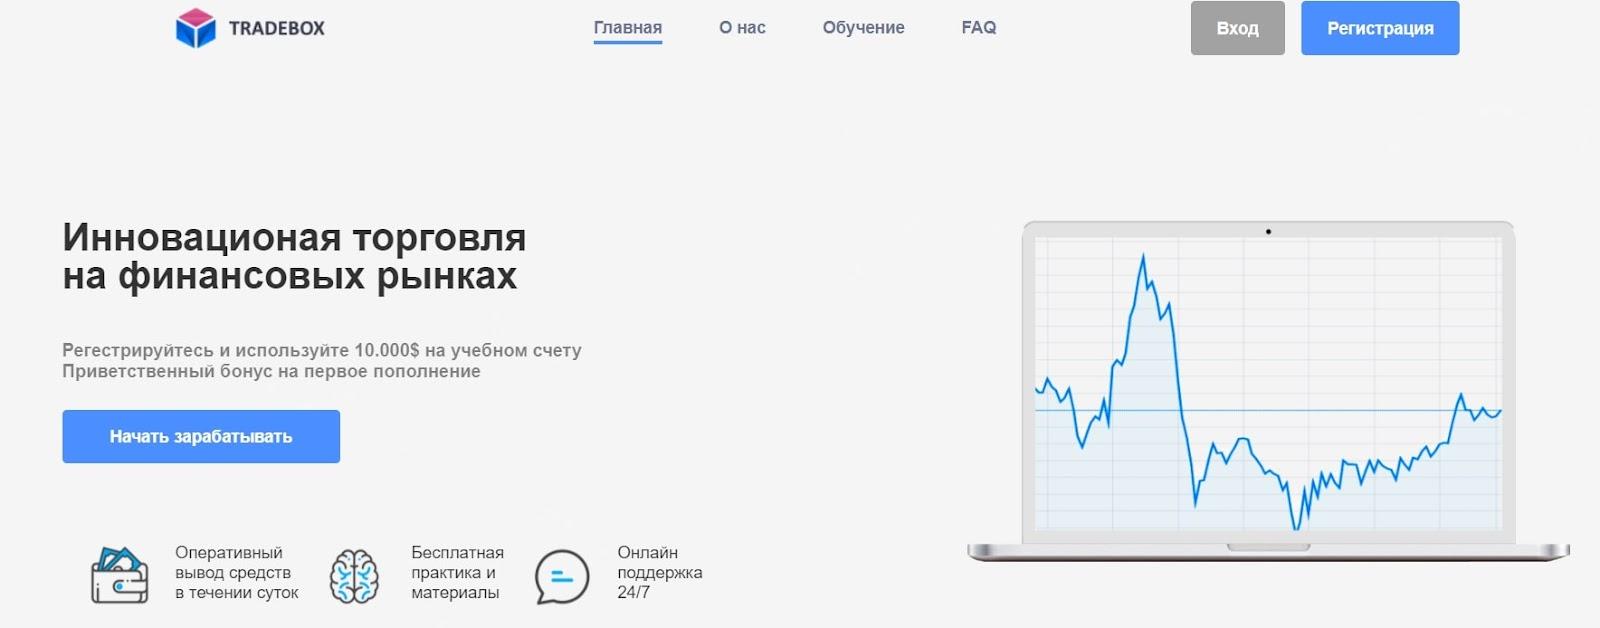 Tradebox: отзывы клиентов и самый свежий обзор условий реальные отзывы